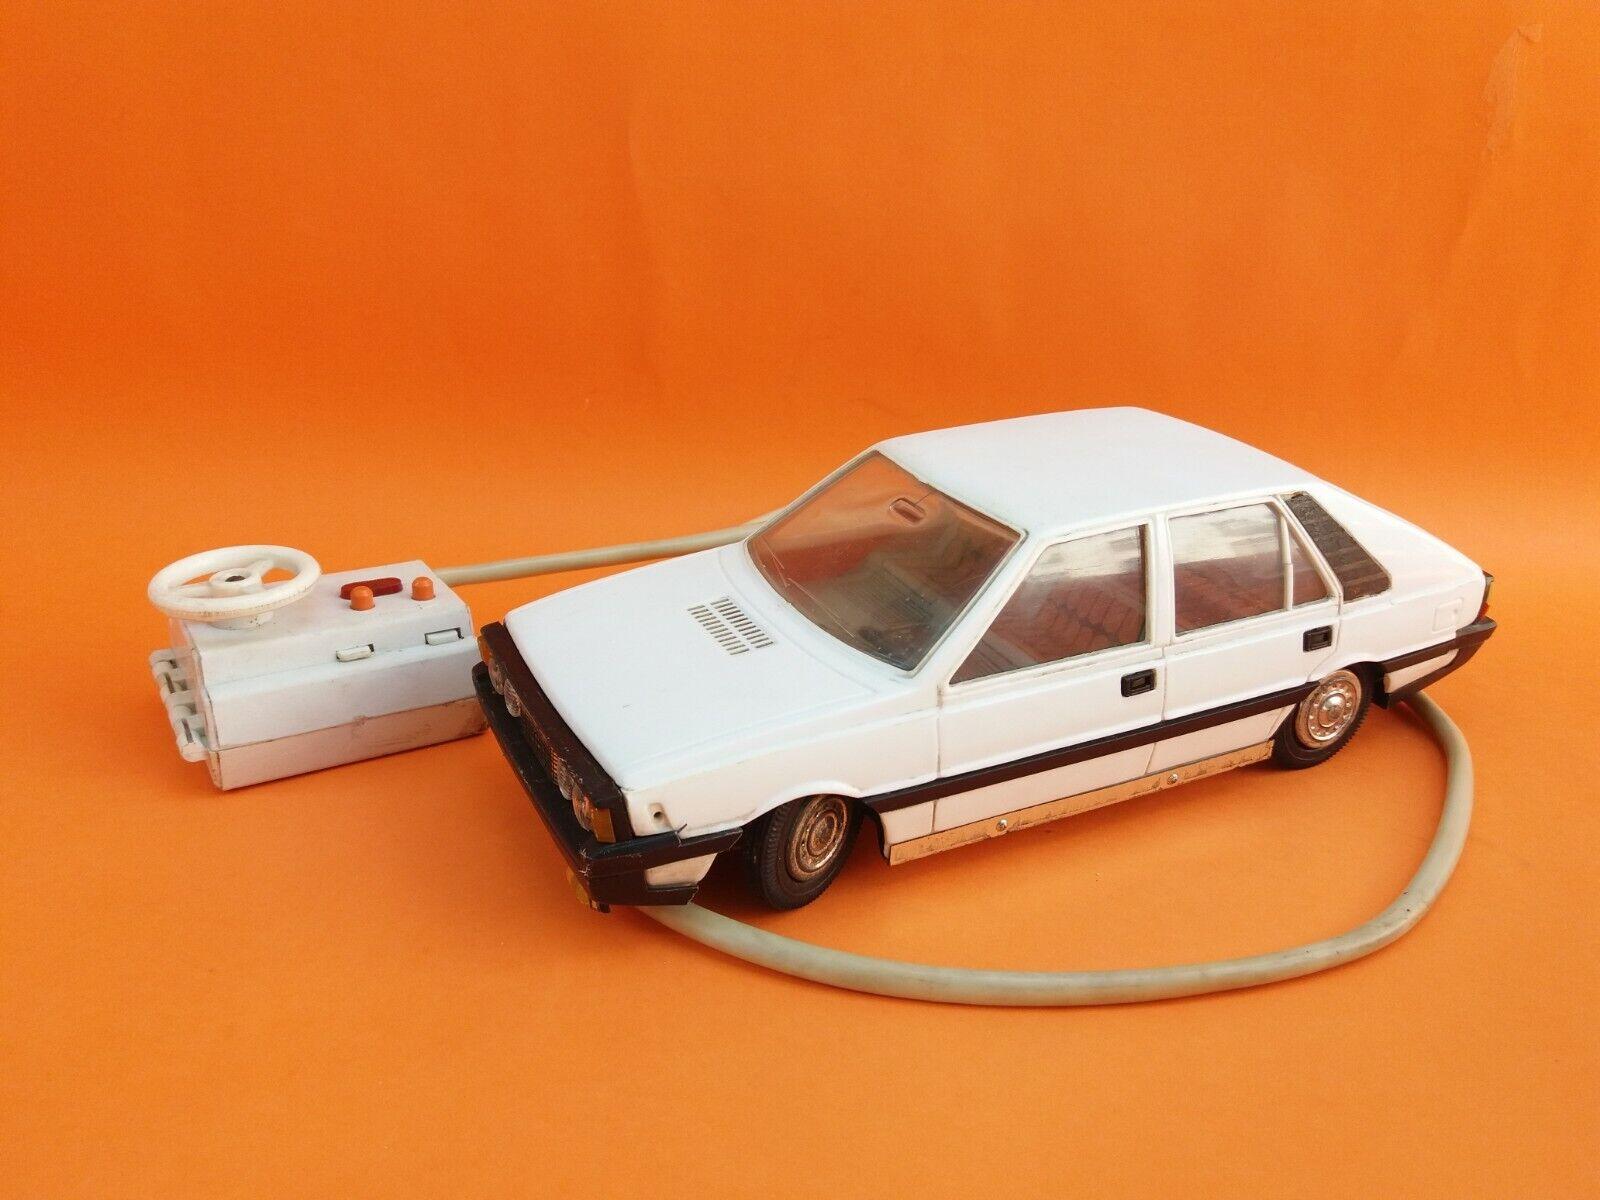 ビンテージ古い希少FSO CZZポーランドPolonez車玩具バッテリー